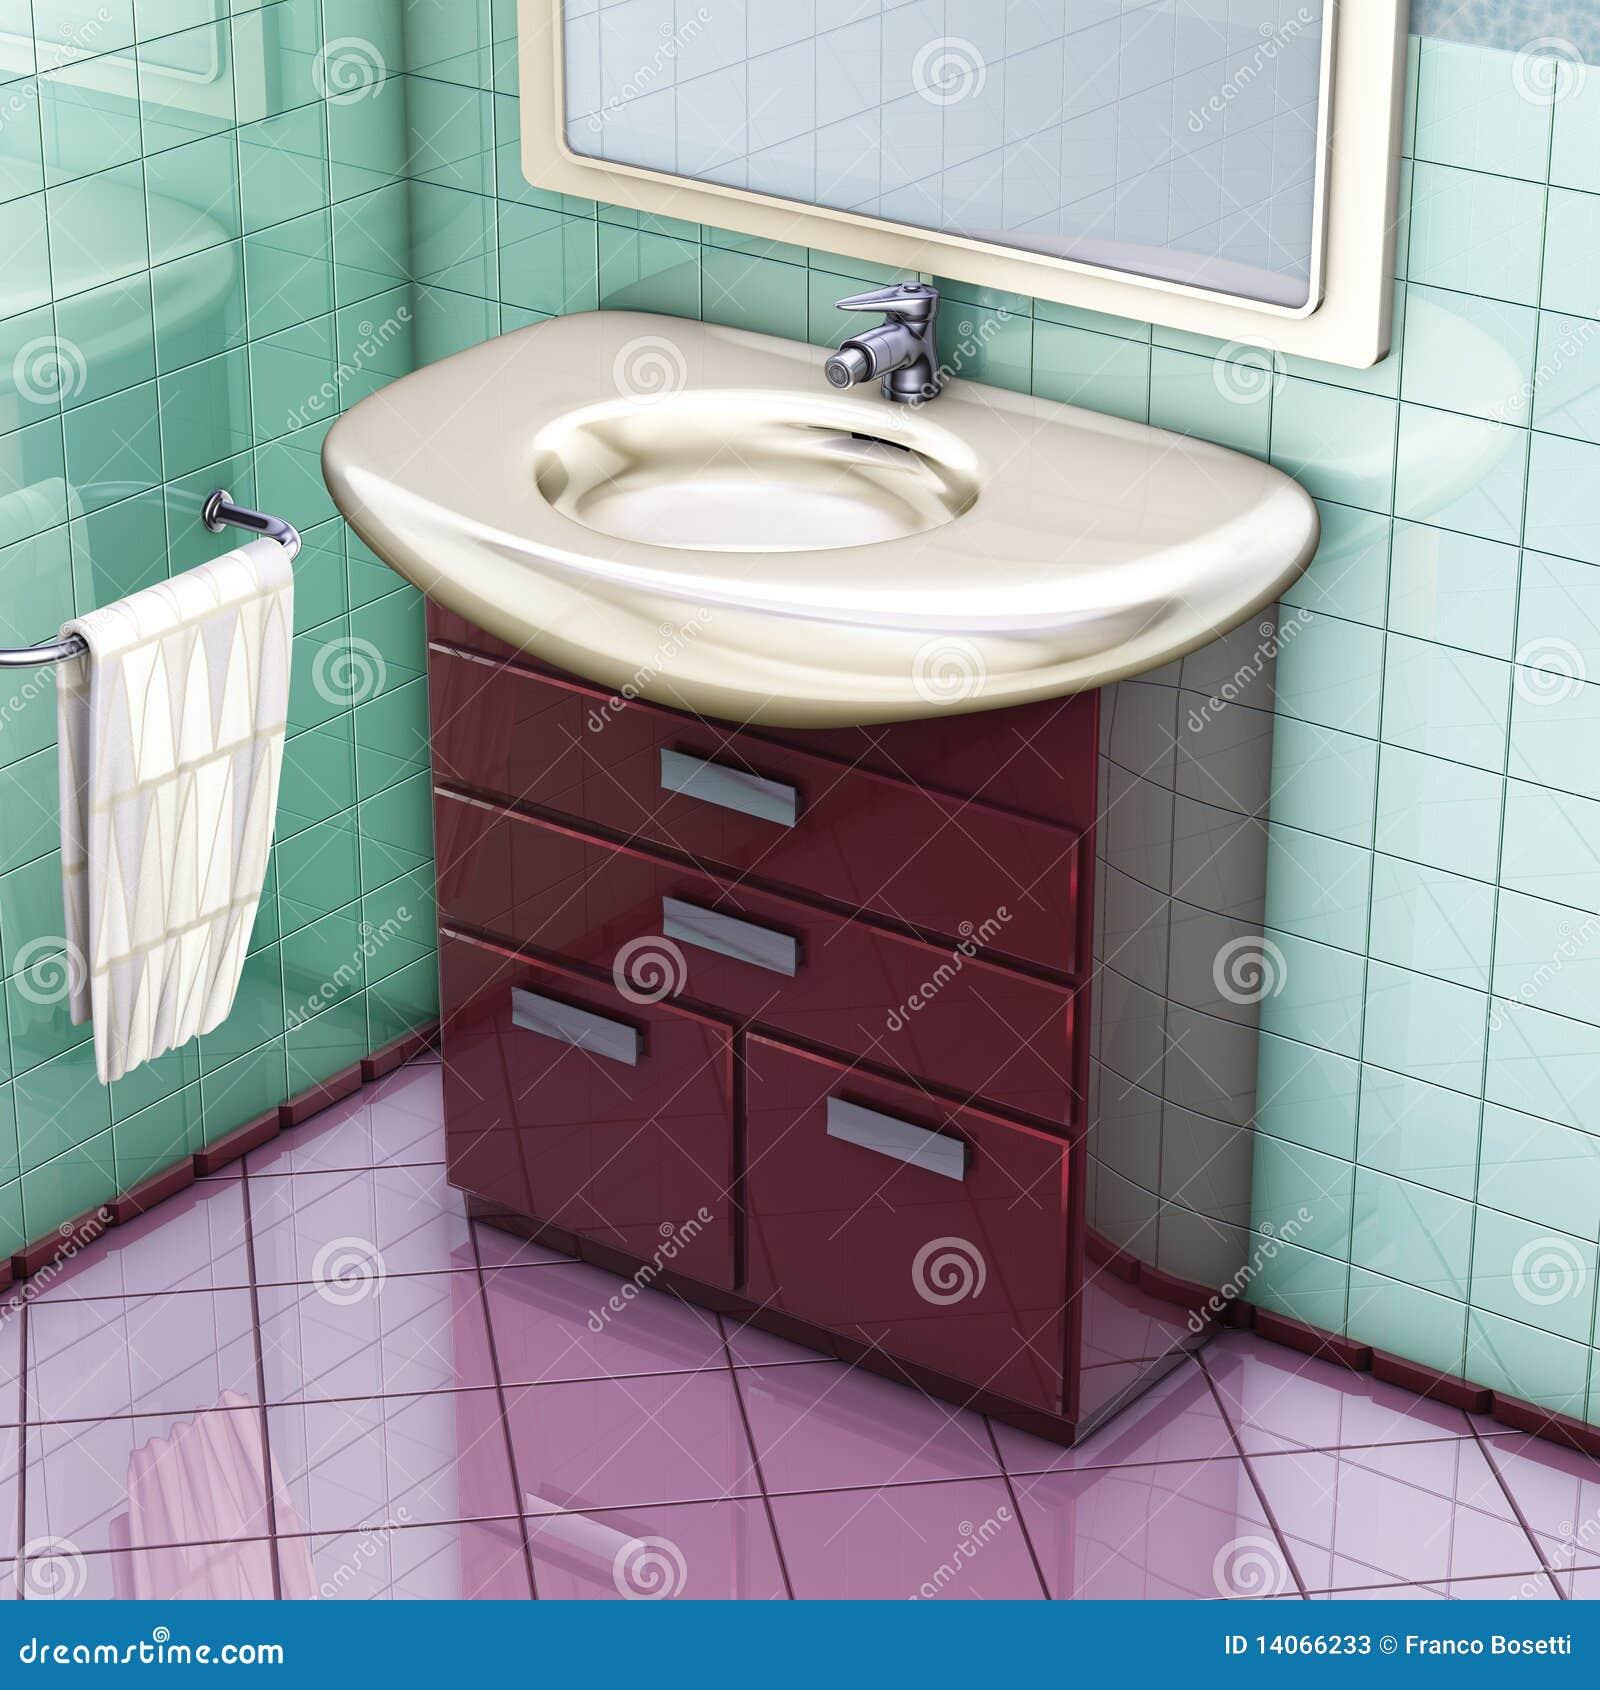 Gabinete De Banheiro Fotos de Stock Imagem: 14066233 #46232B 1300 1390